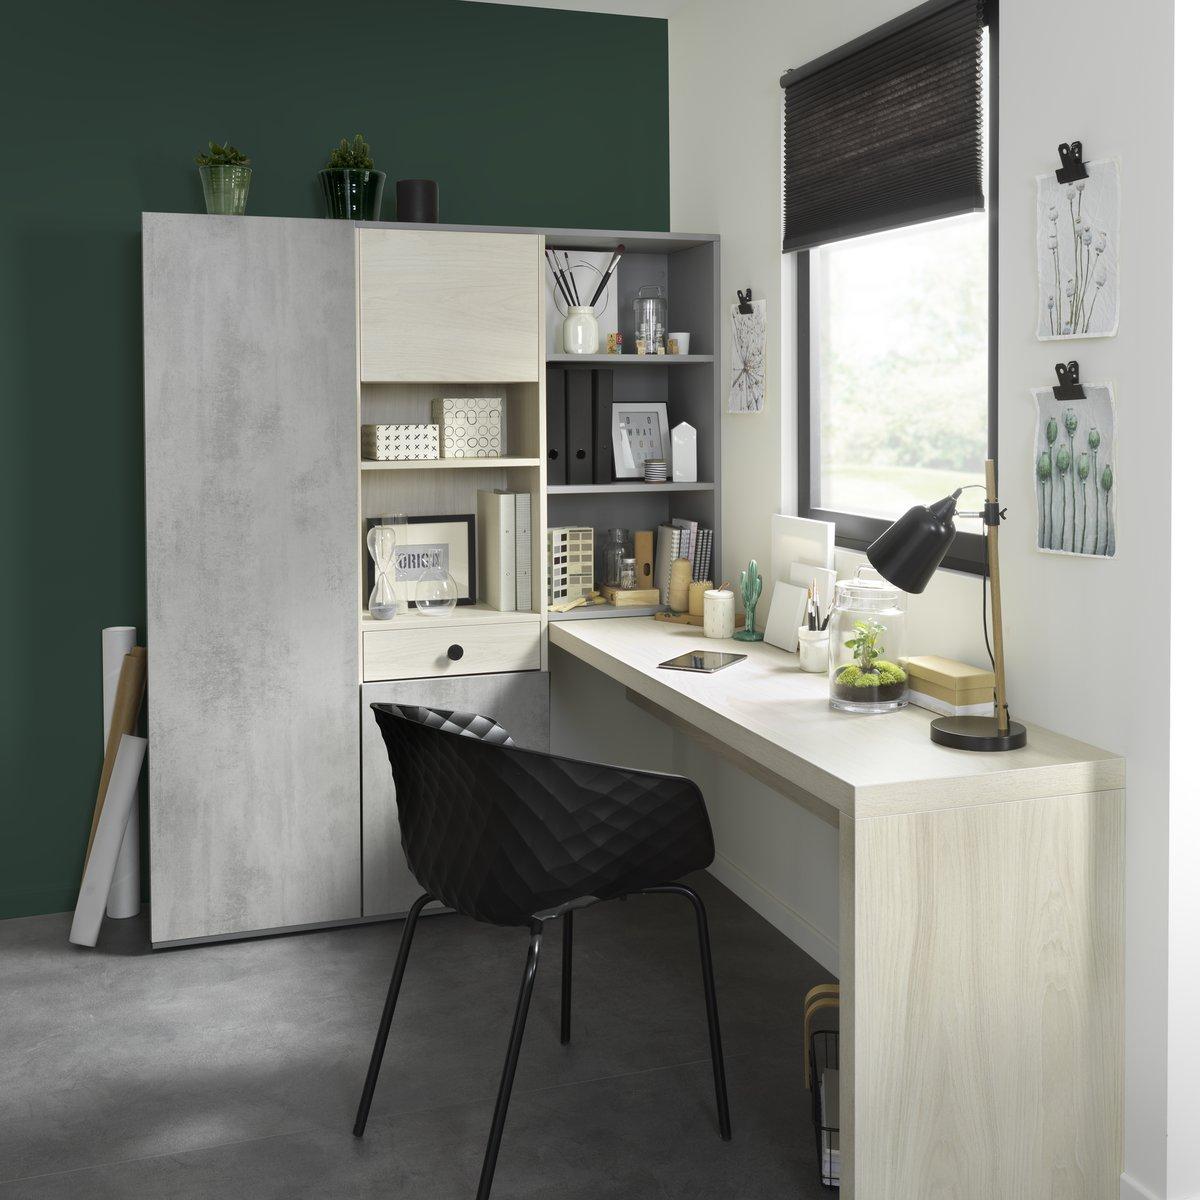 Ce vert canard rend l'espace de travail apaisant.